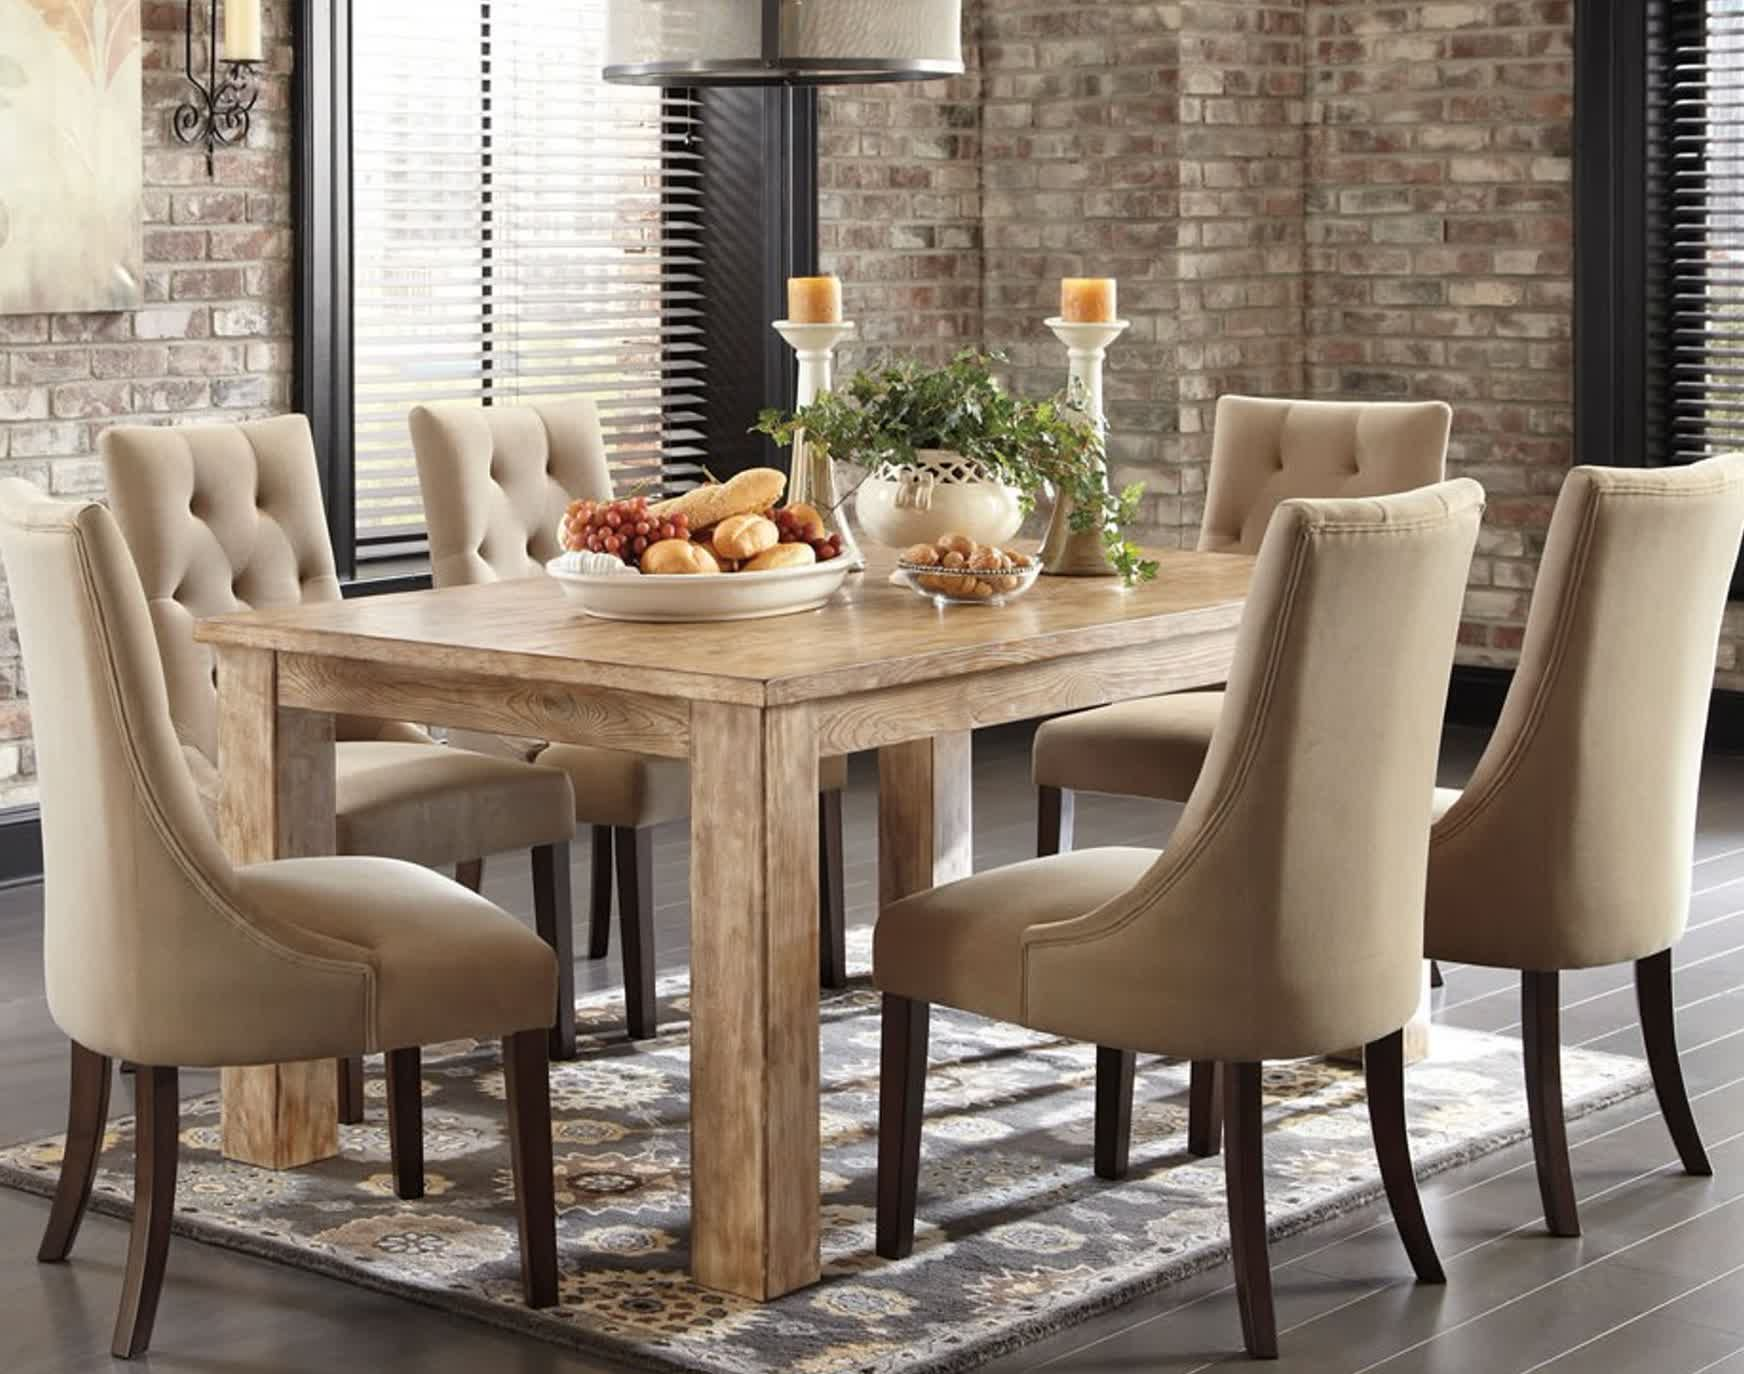 Sedie azzurre ~ Tavolo e sedie per sala da pranzo foto e sala da pranzo sala da